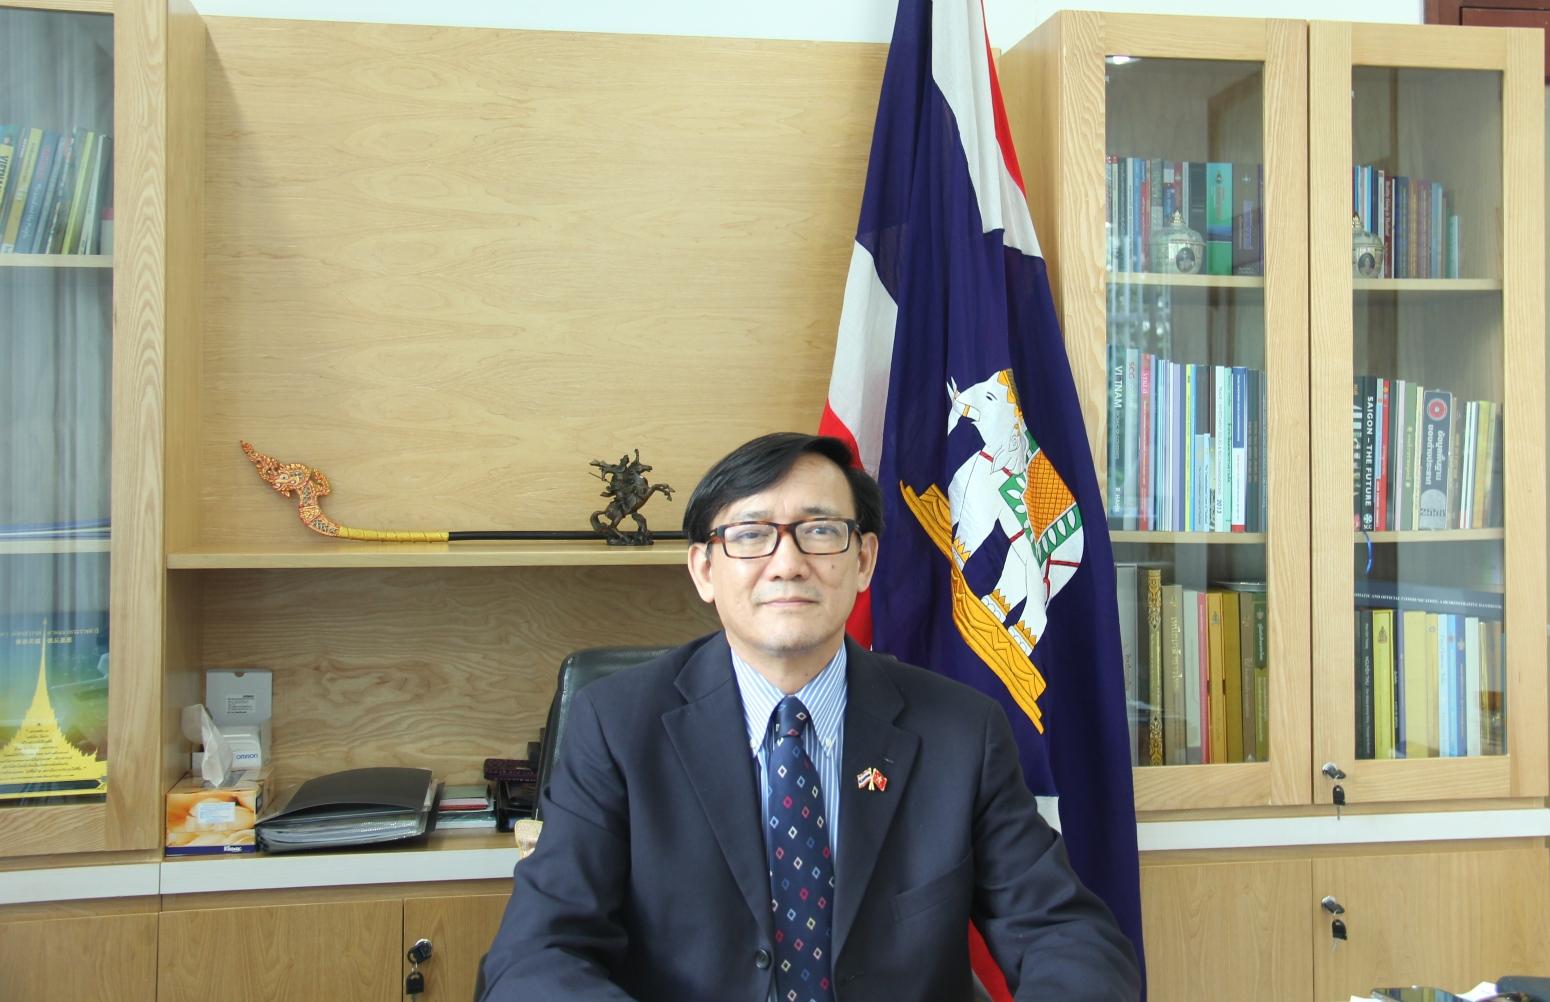 สัมภาษณ์ท่าน มานพชัย วงศ์ภักดี เอกอัครราชทูตไทยประจำเวียดนาม